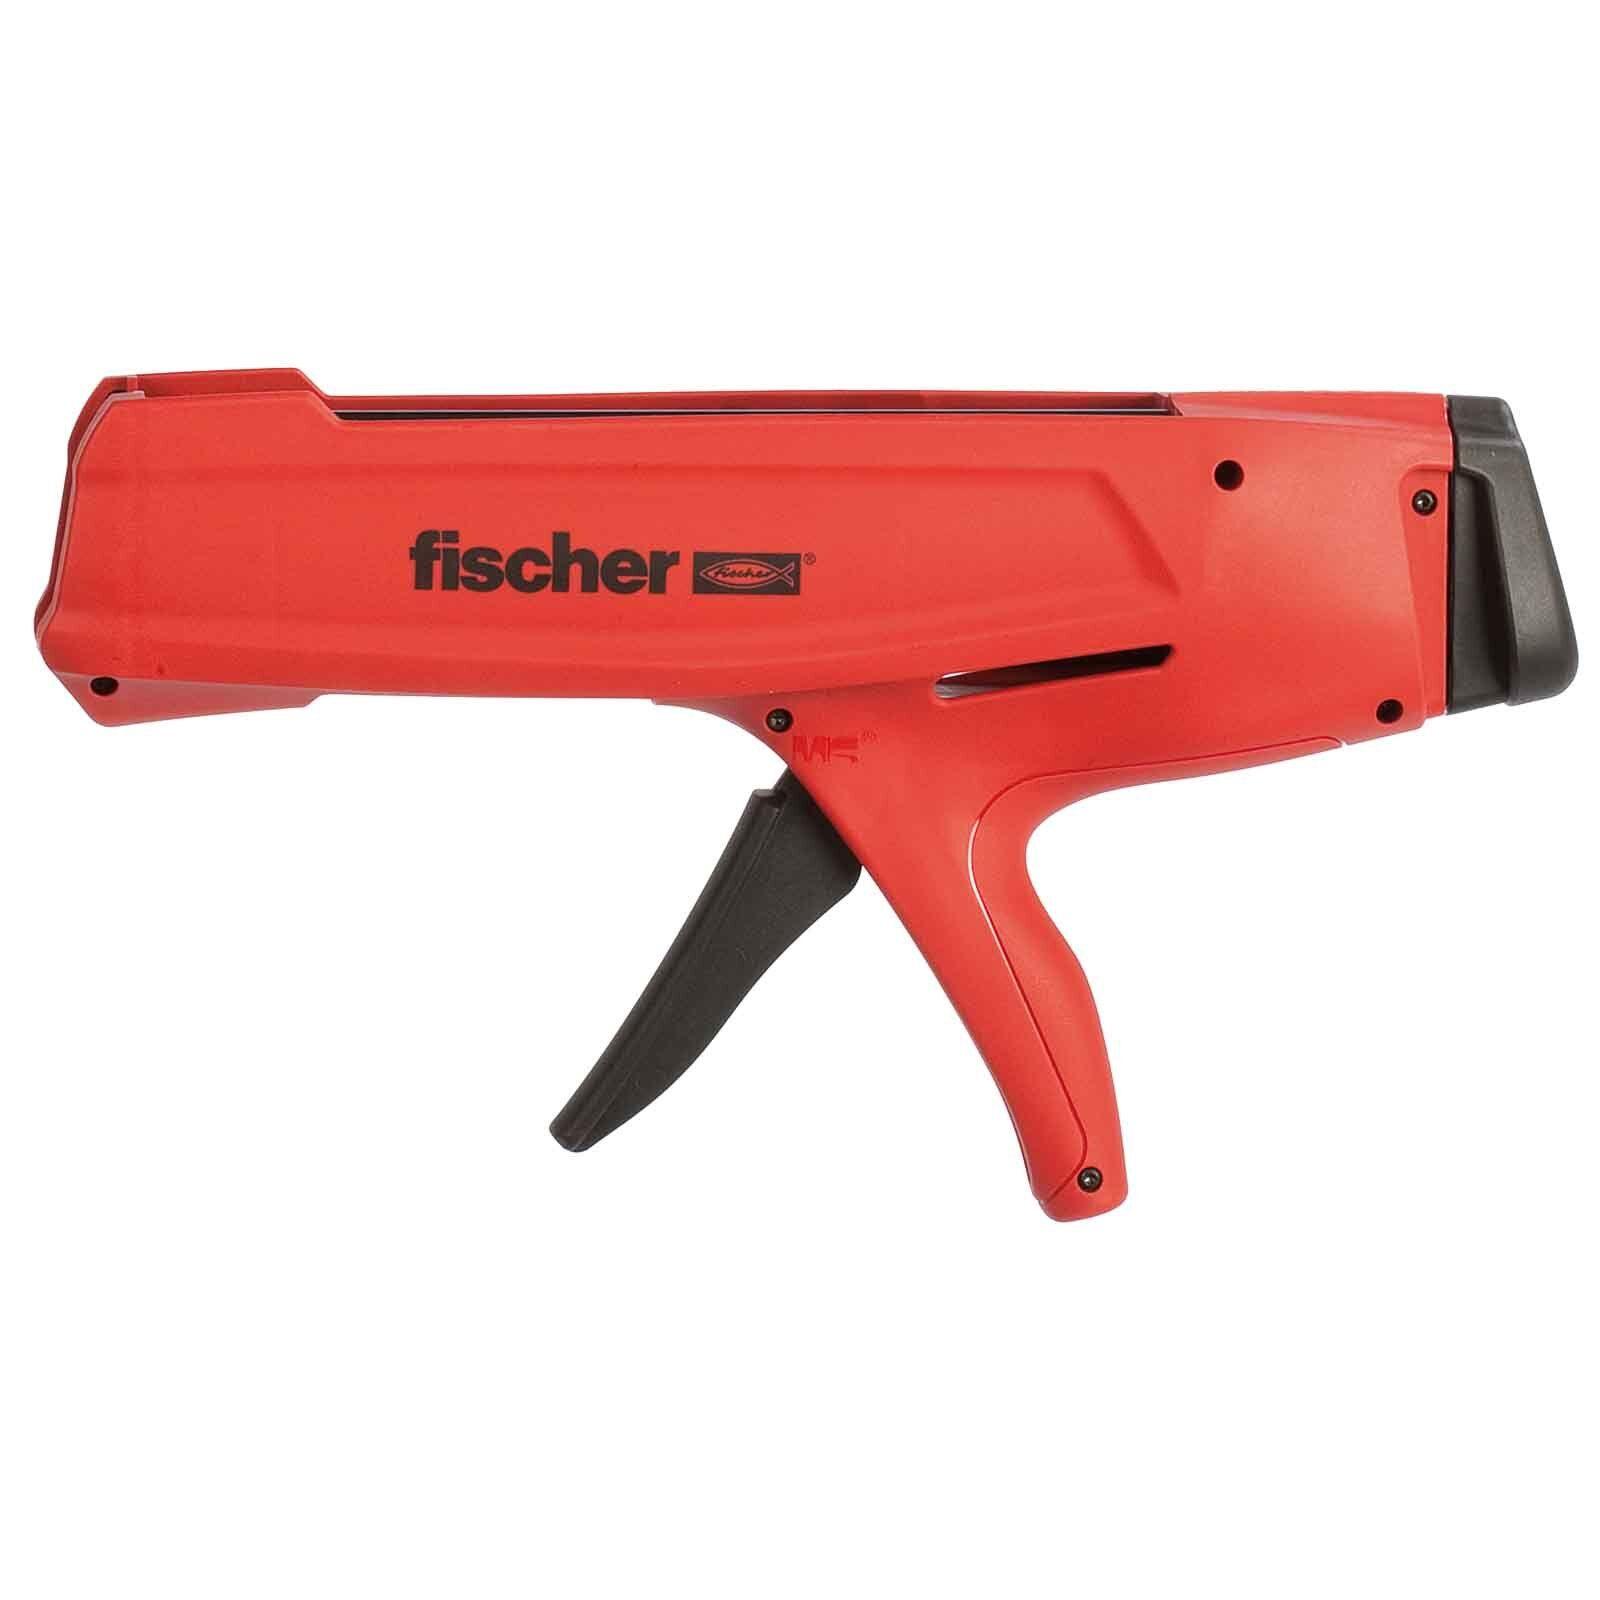 FISCHER Auspresspistole FIS DM S 511118 für 2-Kammer Kartuschen  auch für Upat | Verschiedene Arten Und Die Styles  | Fein Verarbeitet  | Shop Düsseldorf